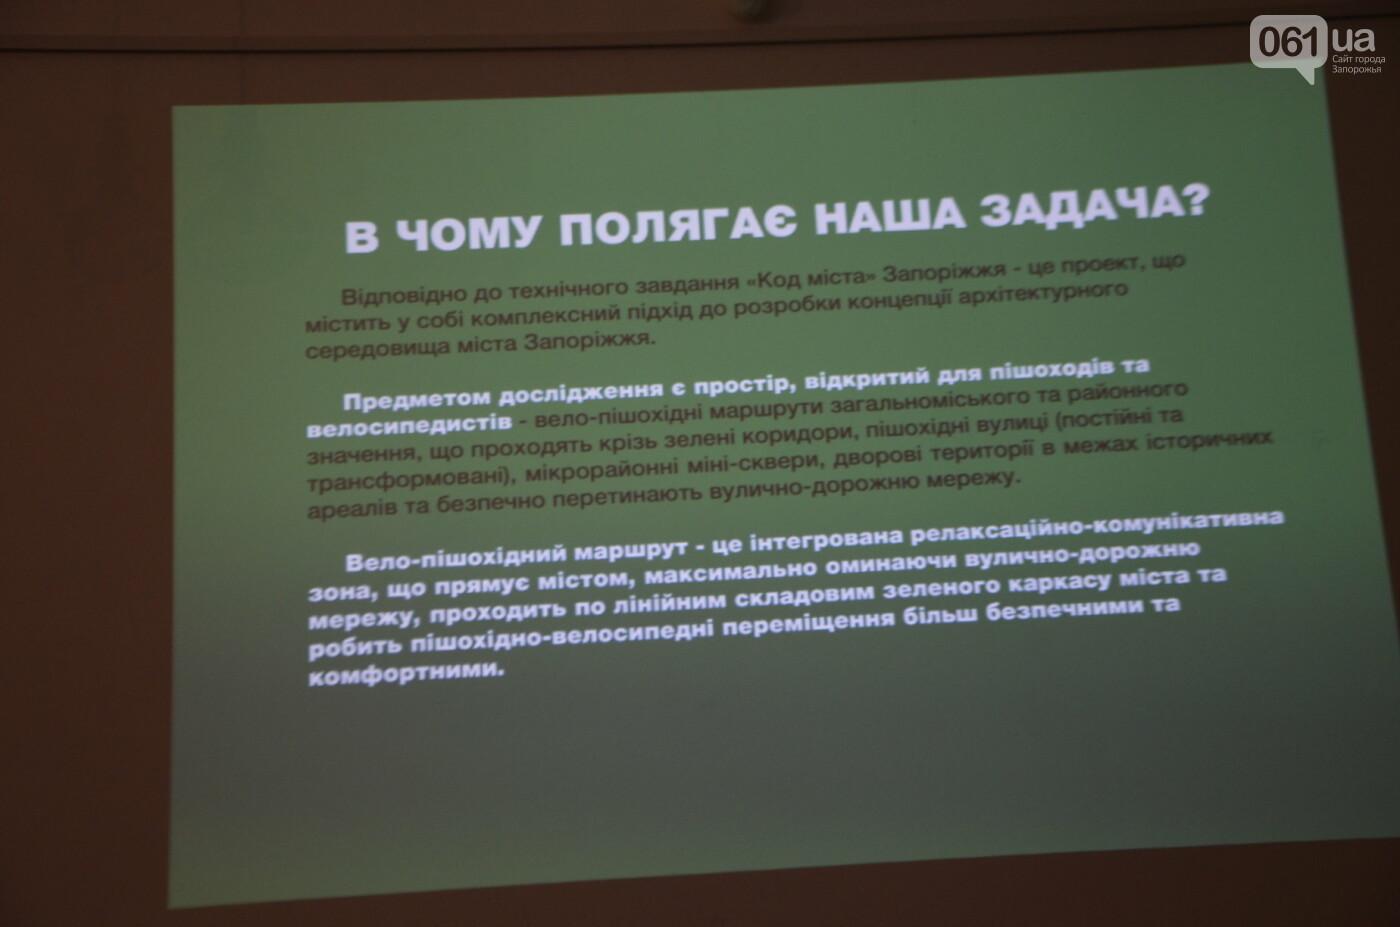 В Запорожье предлагают разрабатывать новые зеленые зоны, велопешеходные и экологические маршруты, фото-3